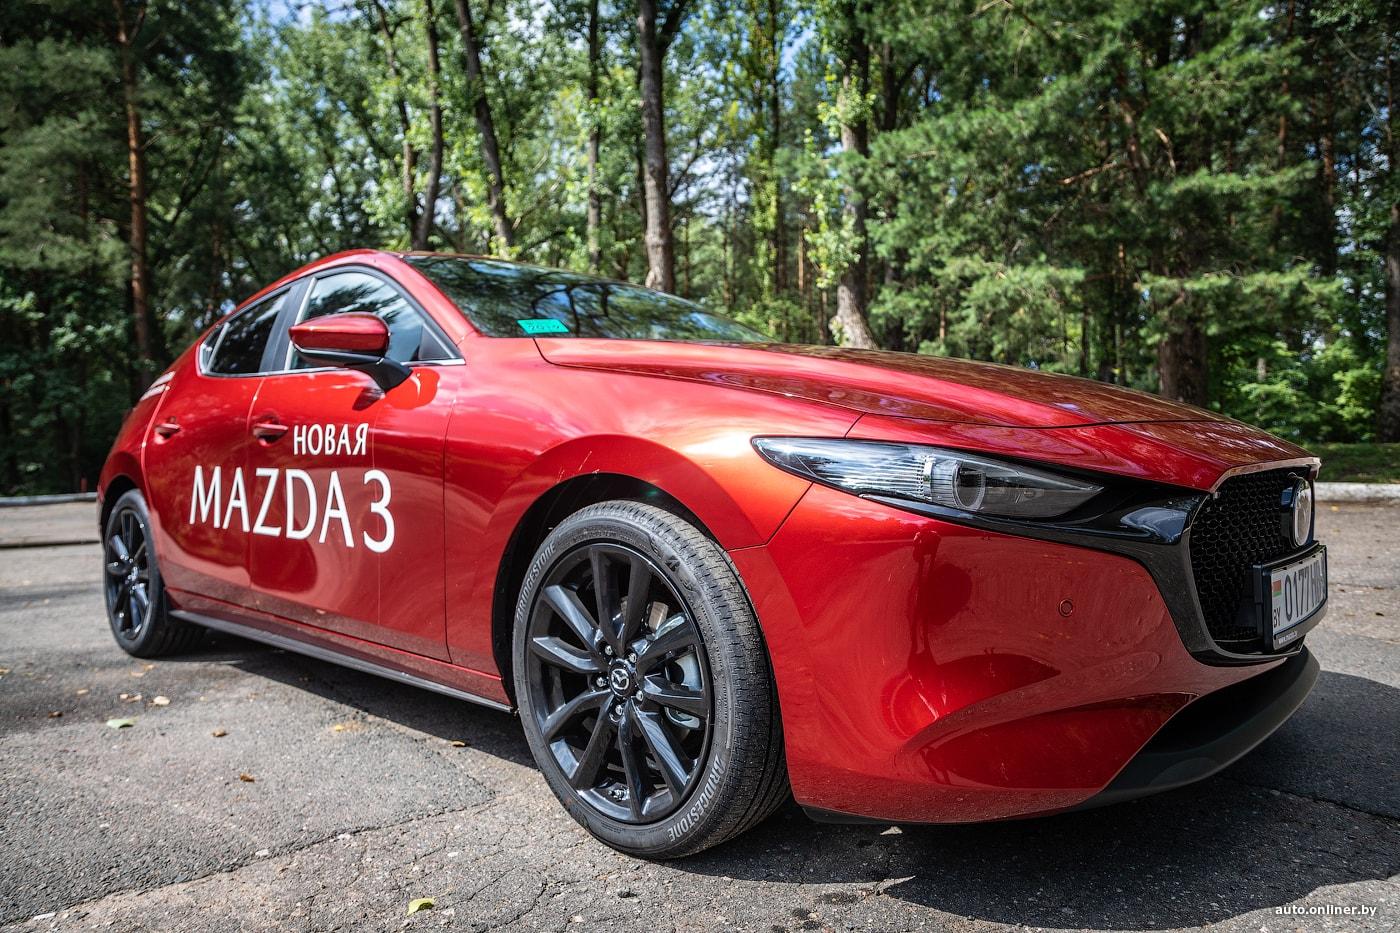 Тест-драйв Mazda3: все плюсы и минусы самого красивого автомобиля С-класса(видео, 23 фото)